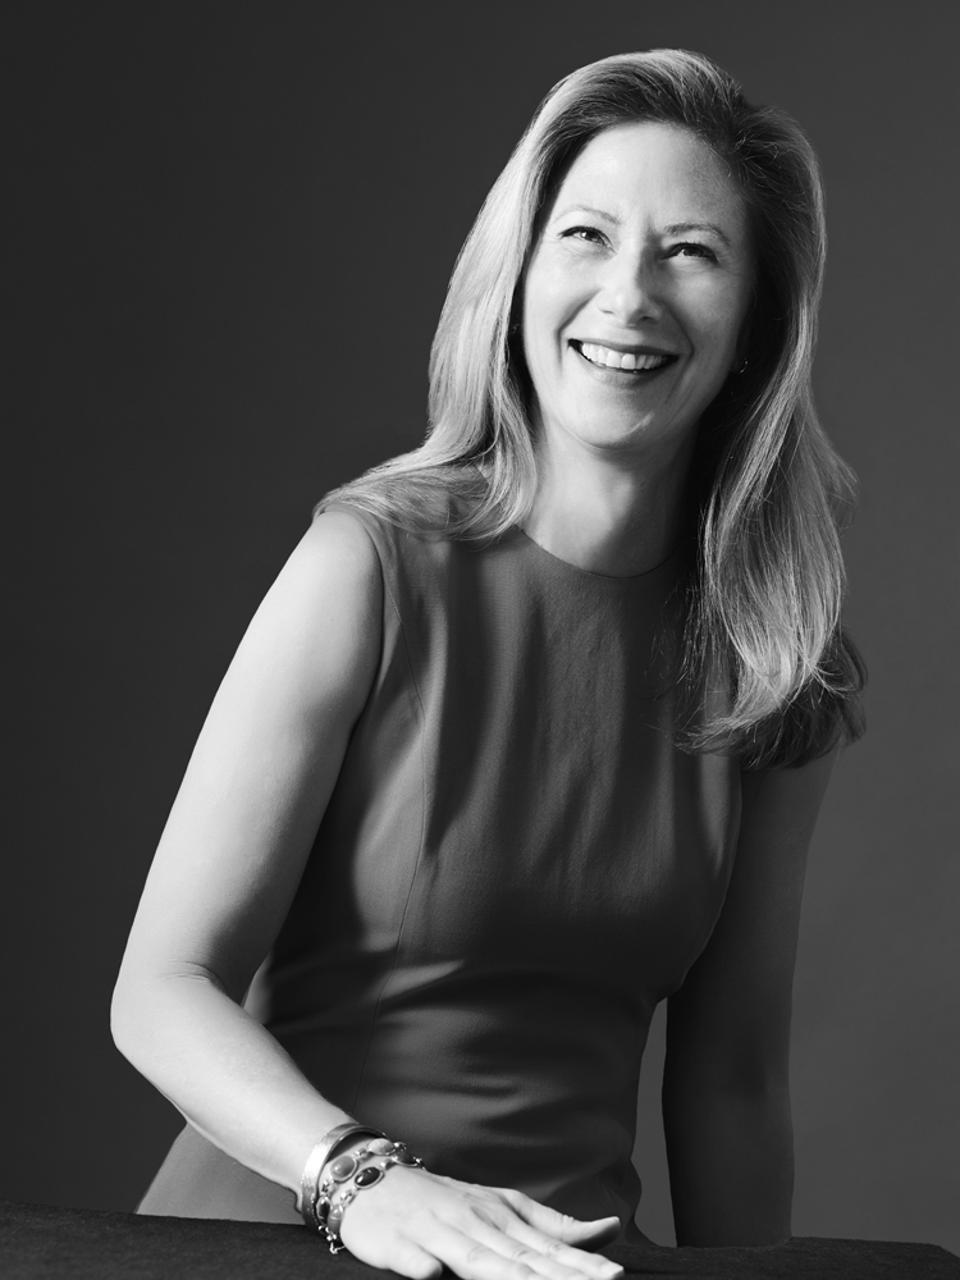 Kate Buggeln